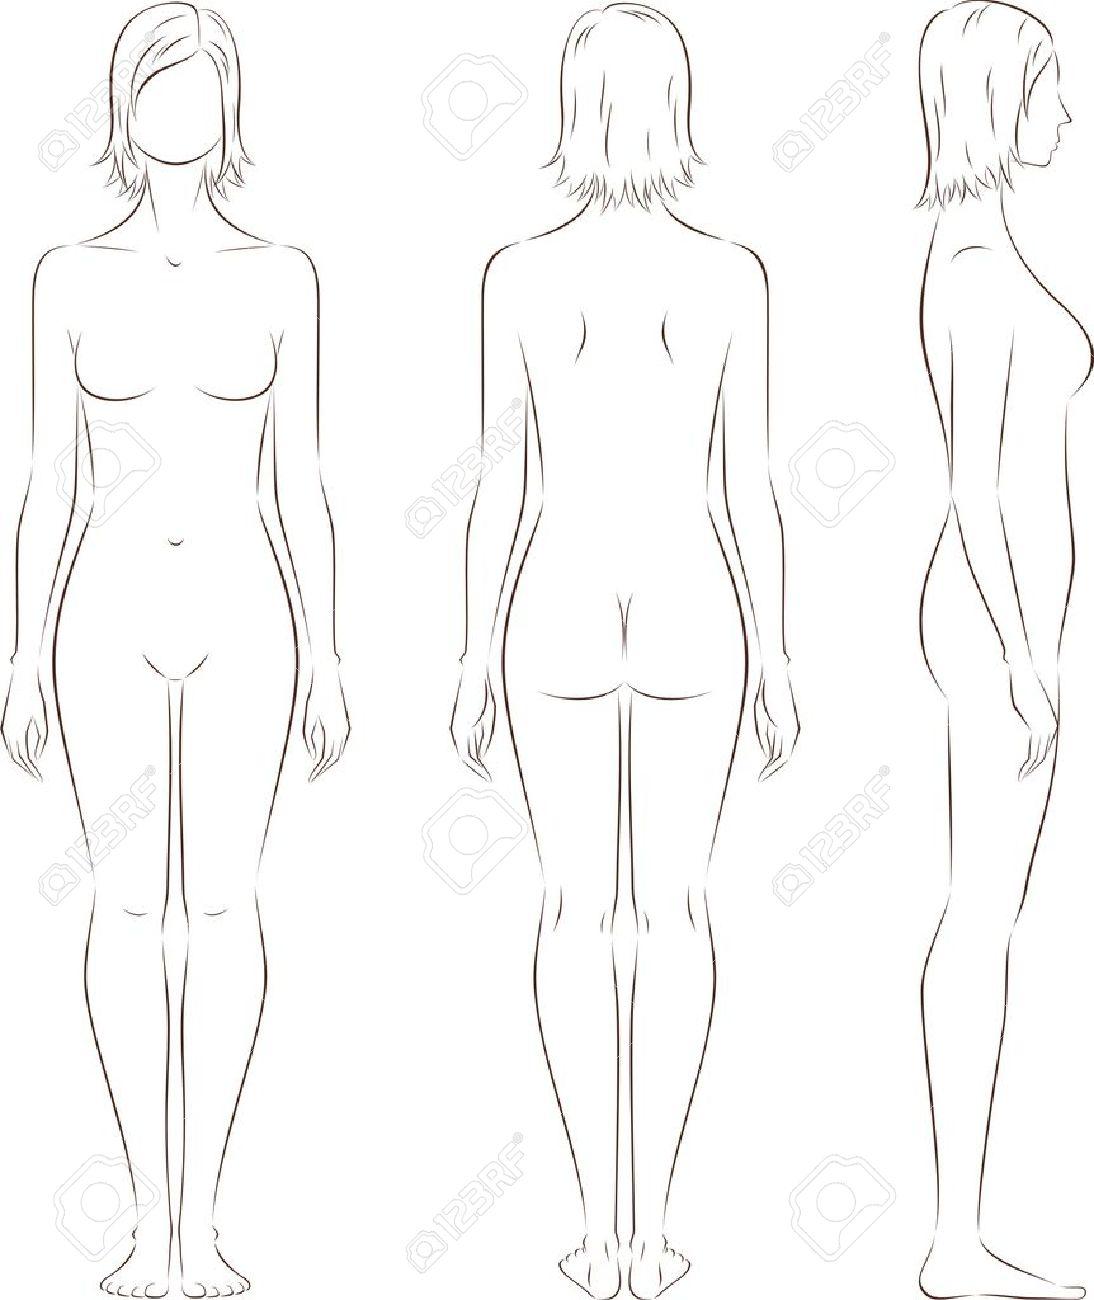 Рисуноки голых женшиг 12 фотография